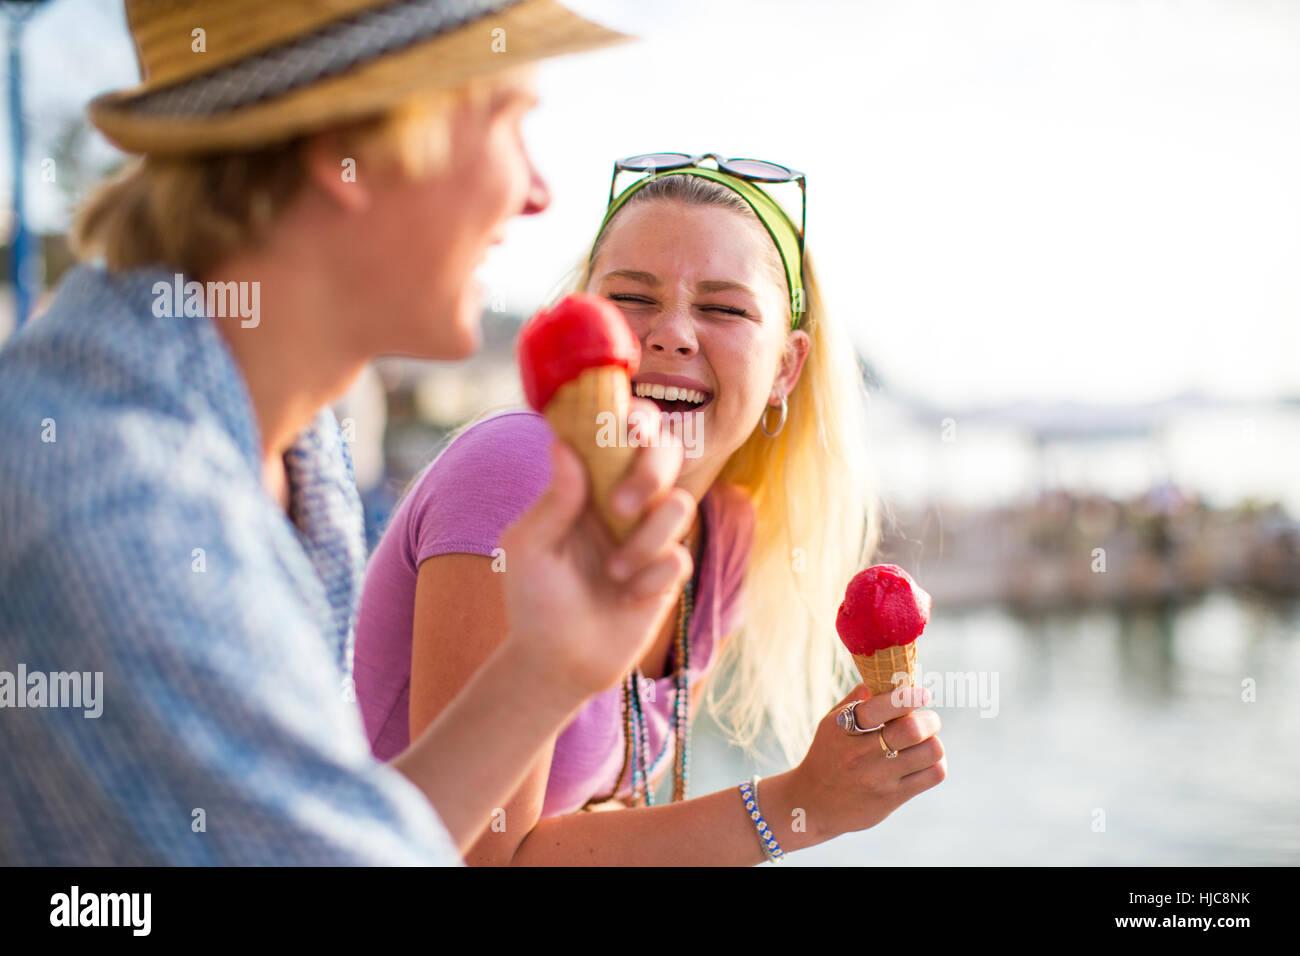 Coppia giovane a ridere e mangiare i coni gelato sul Lungomare, Maiorca, SPAGNA Immagini Stock